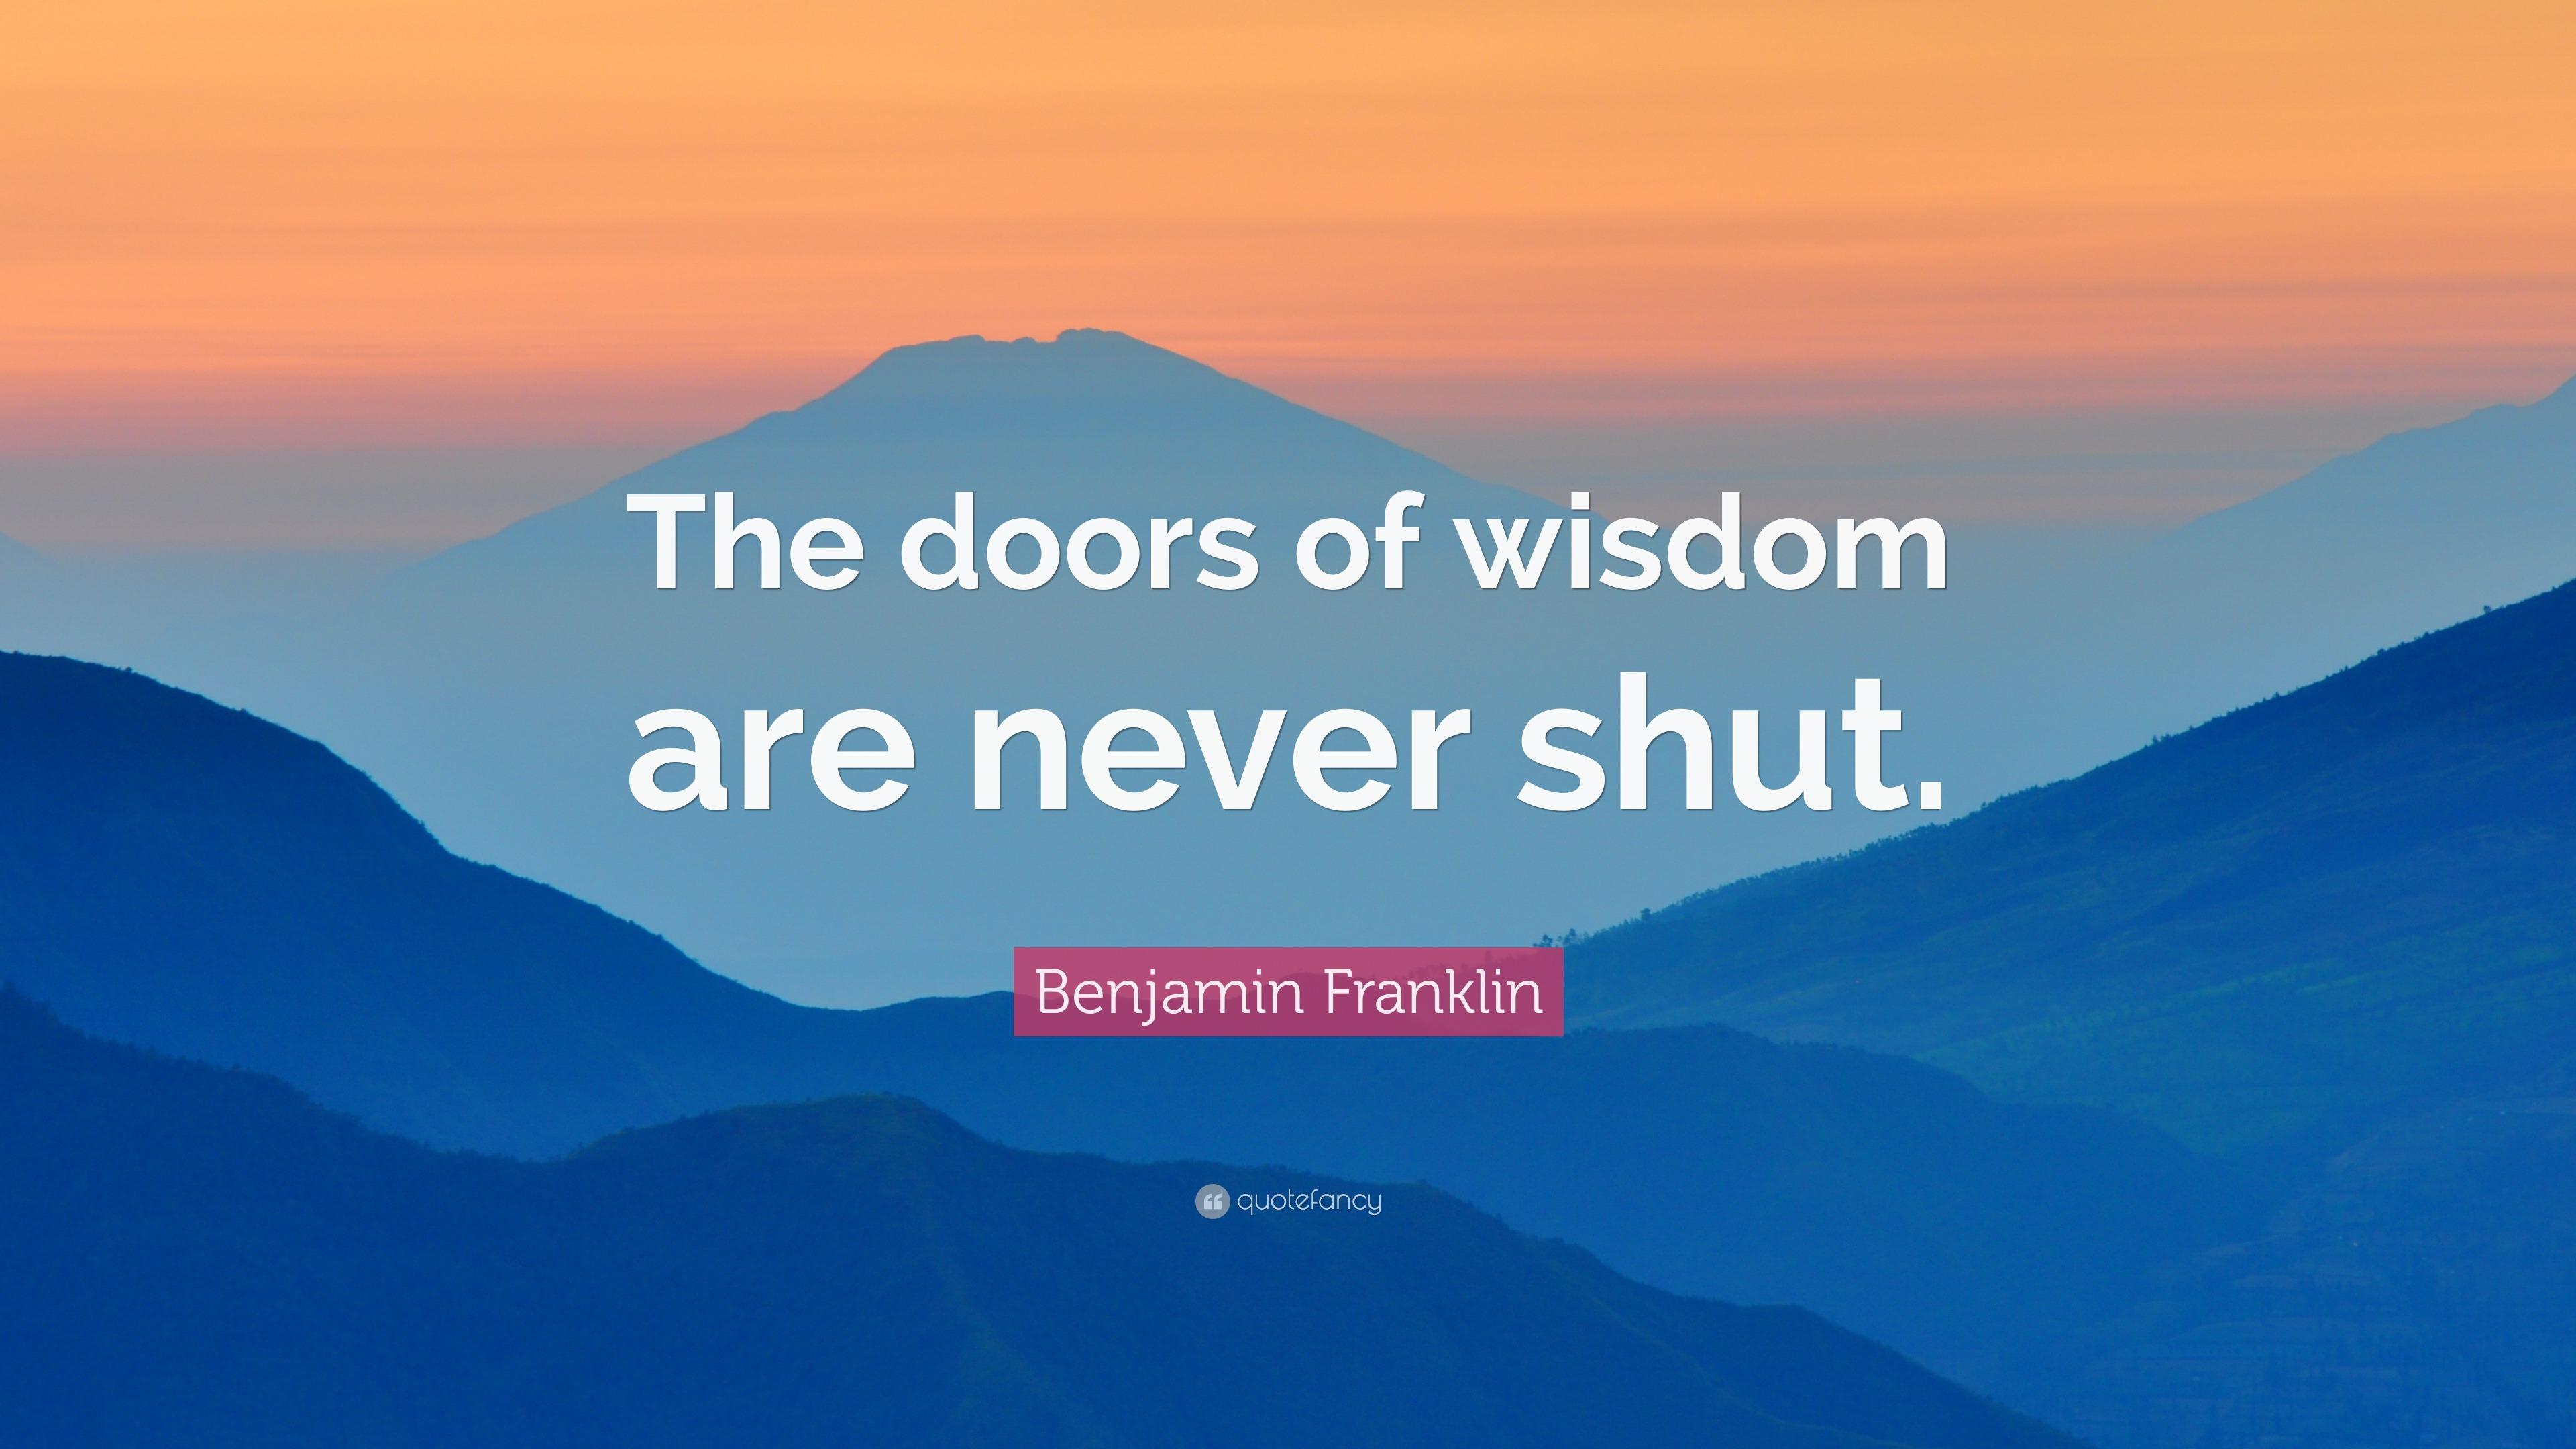 ผลการค้นหารูปภาพสำหรับ benjamin franklin the doors of wisdom are never shut